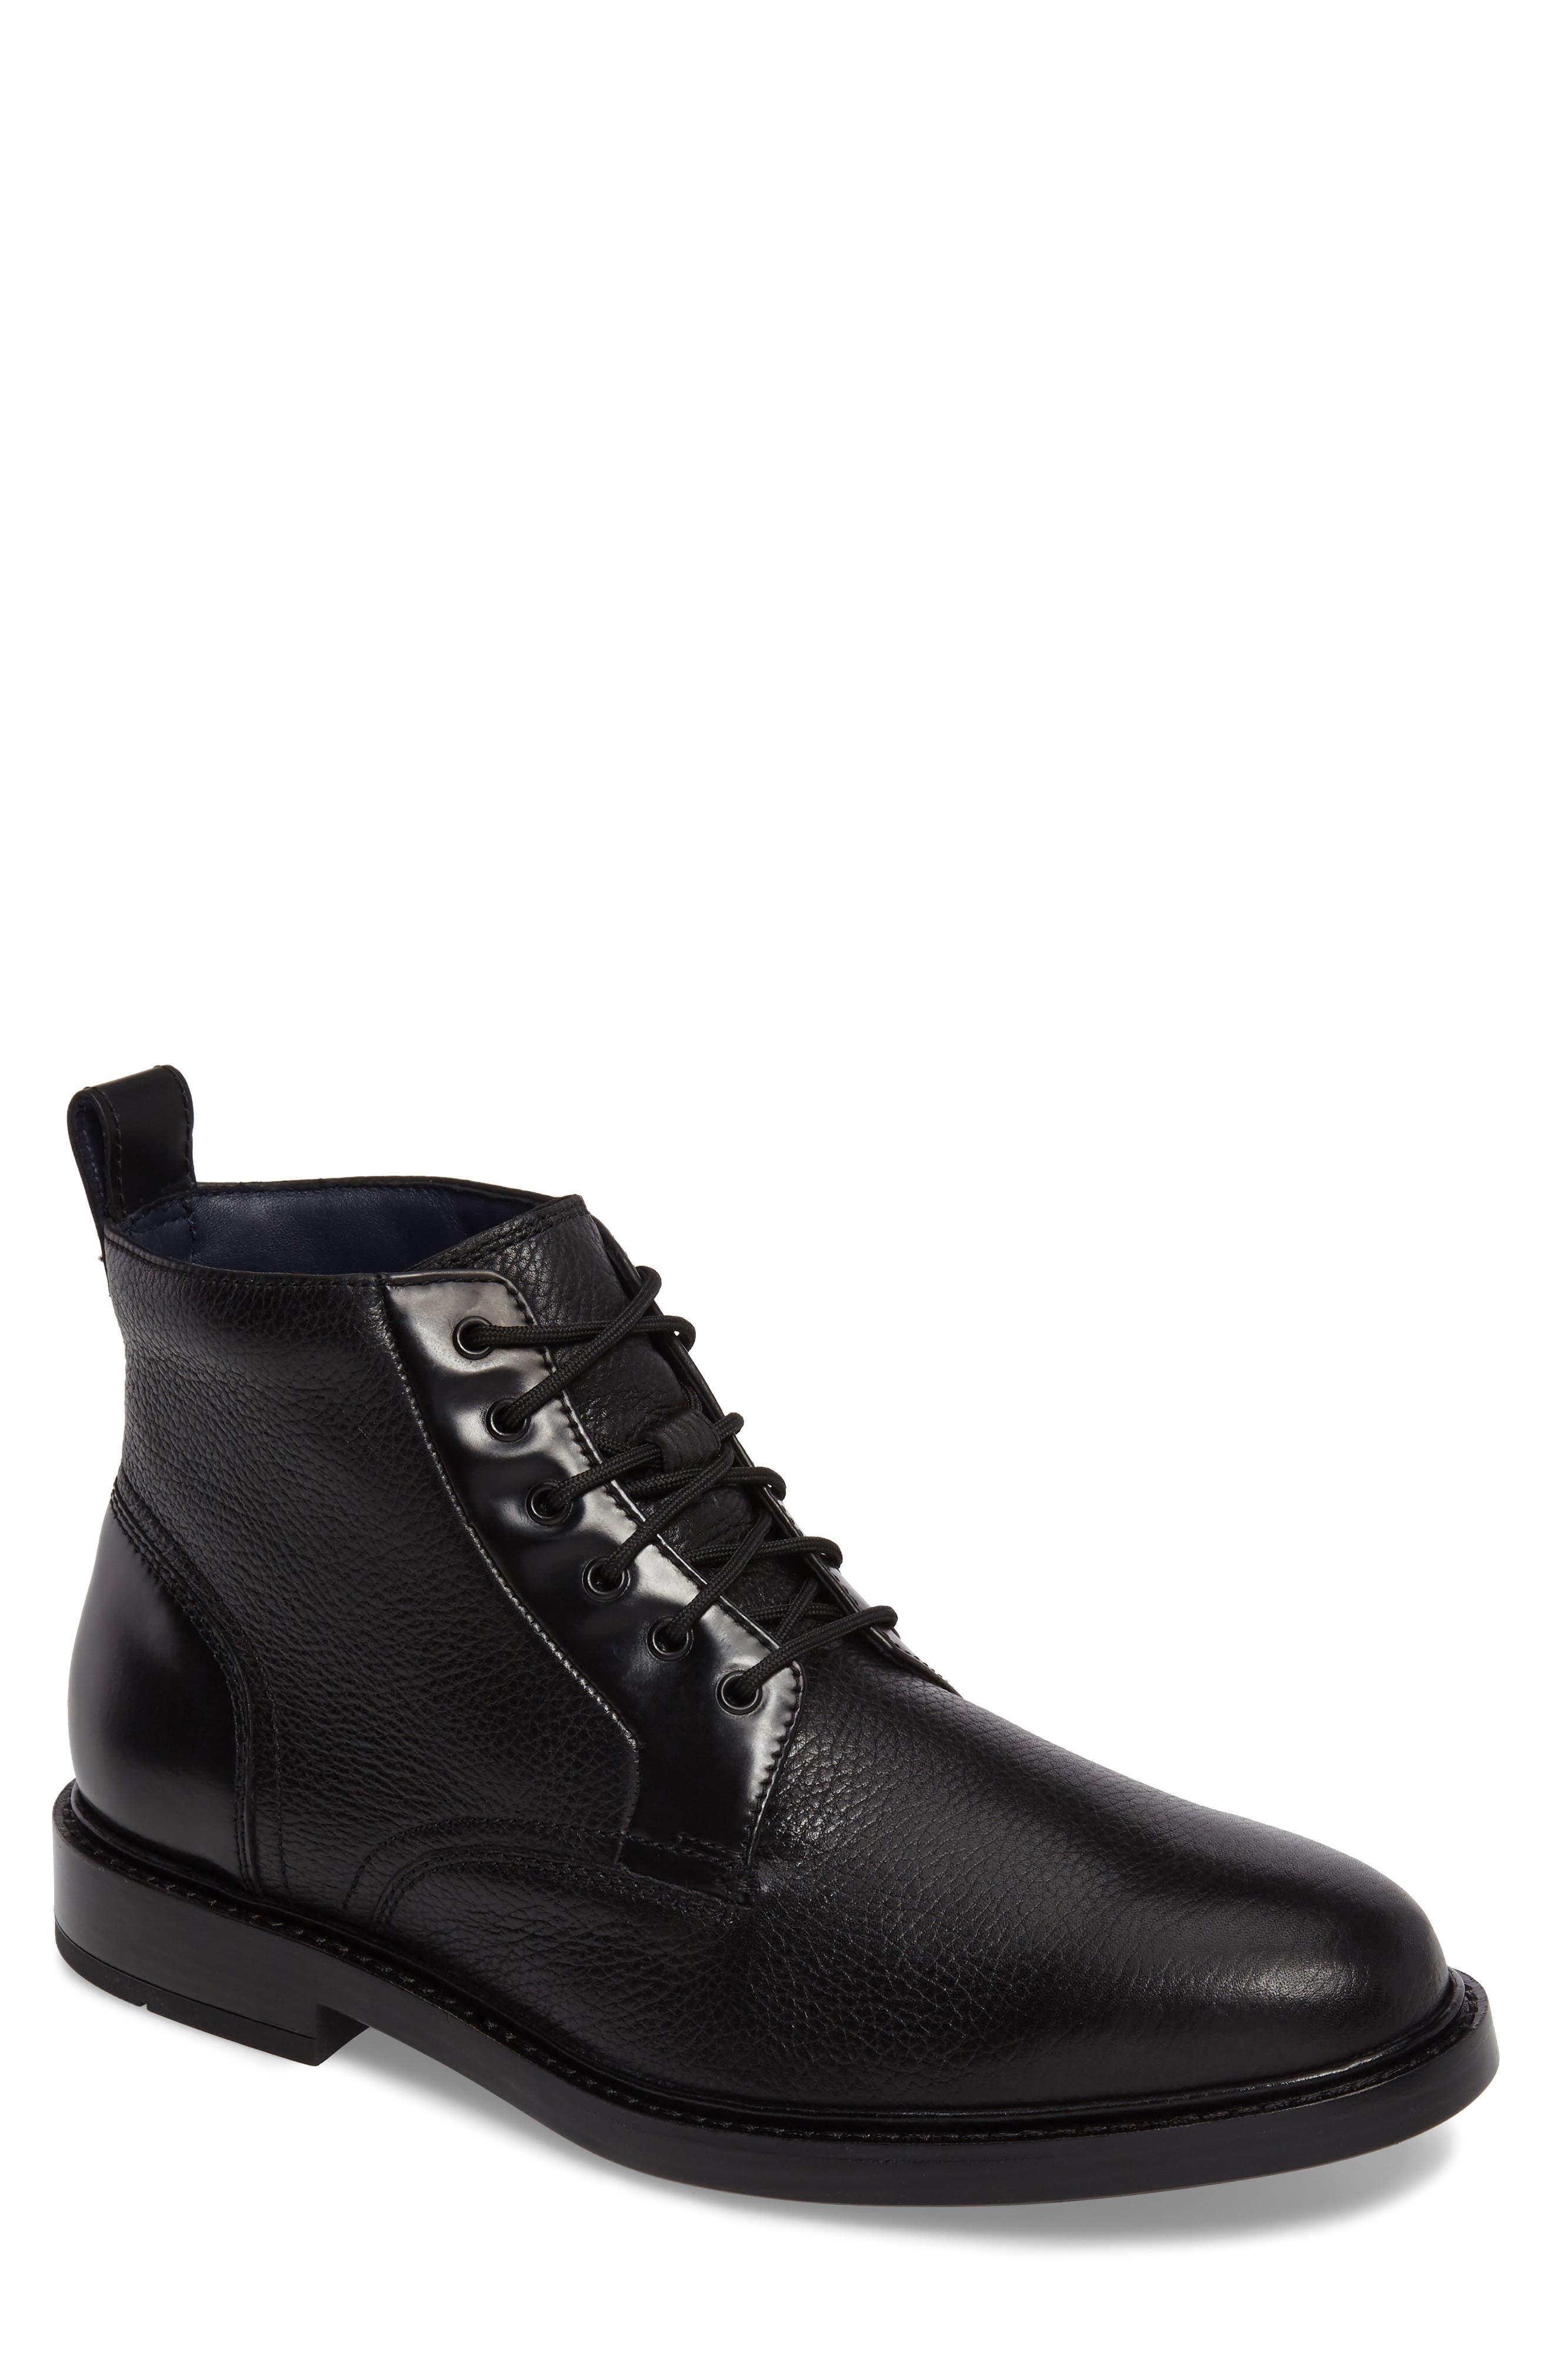 Main Image - Cole Haan Adams Grand Plain Toe Boot (Men)